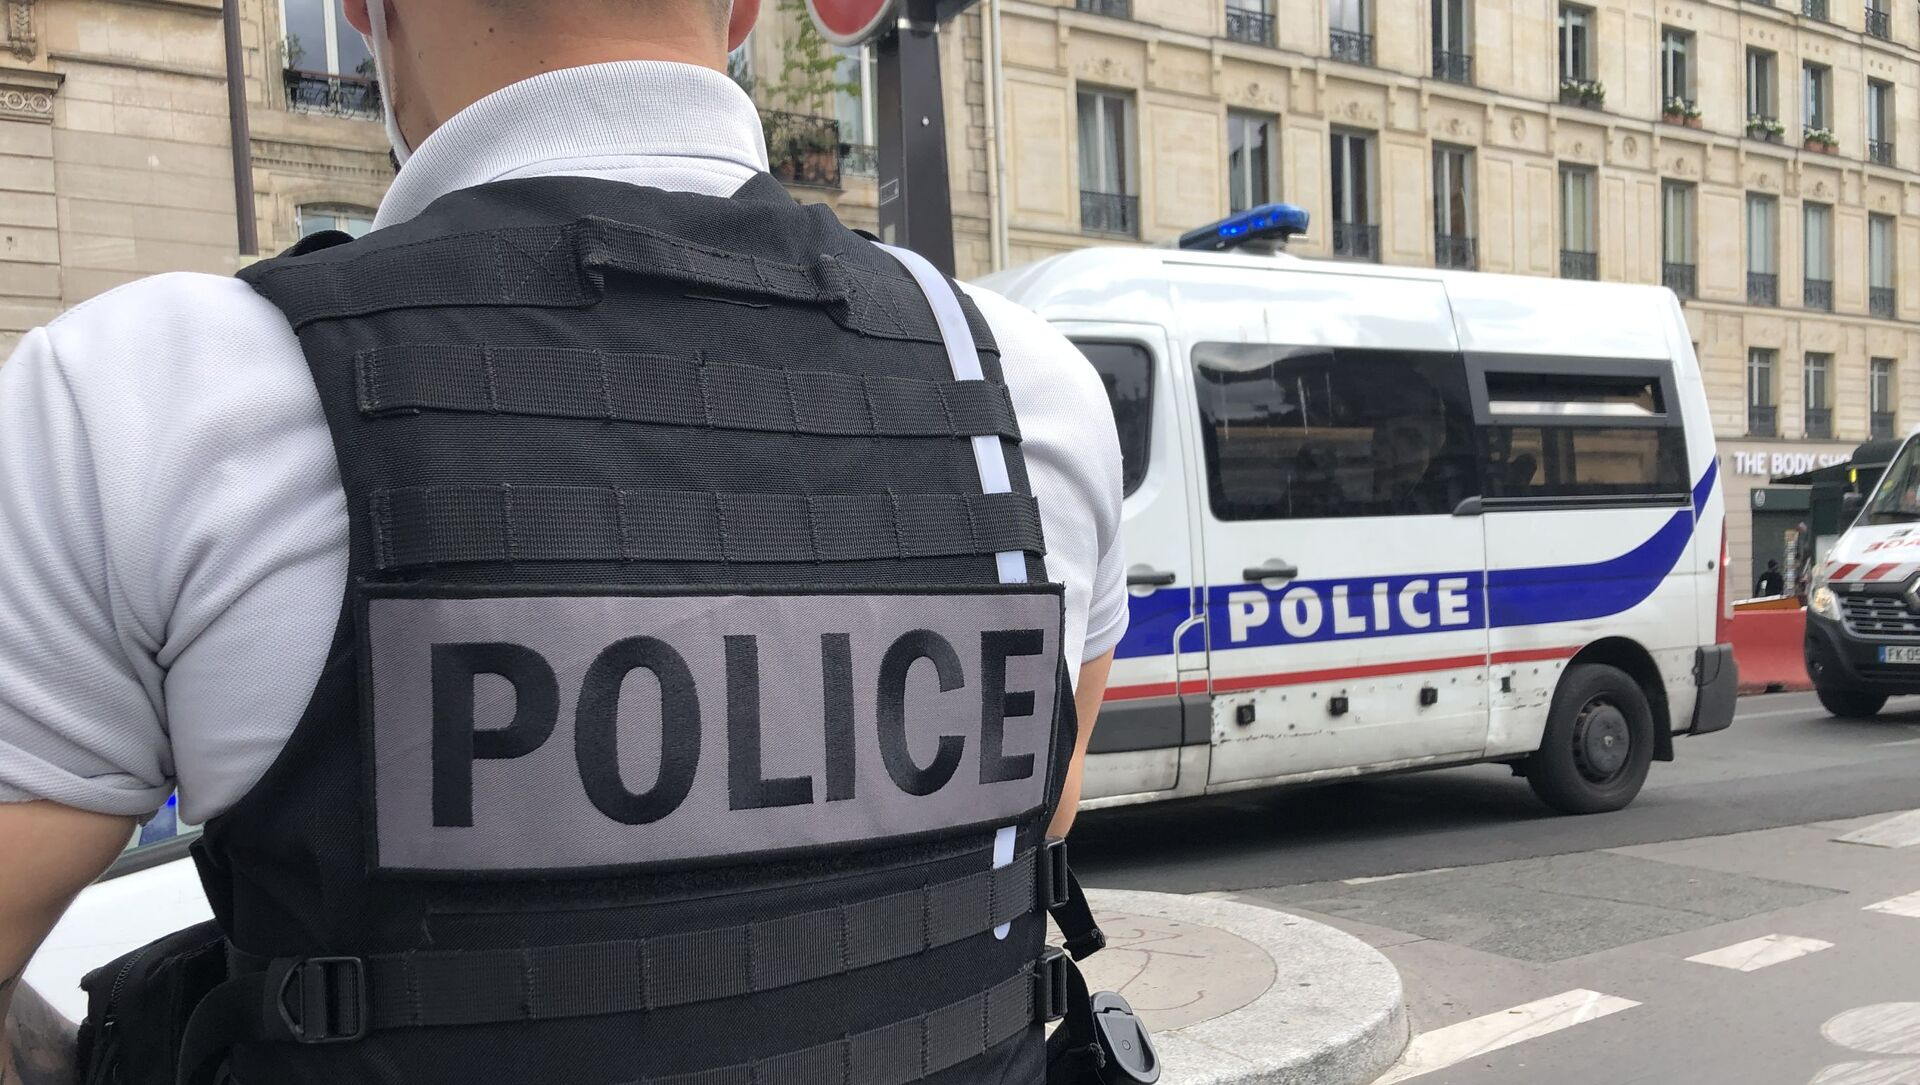 Police nationale - Sputnik France, 1920, 24.07.2021